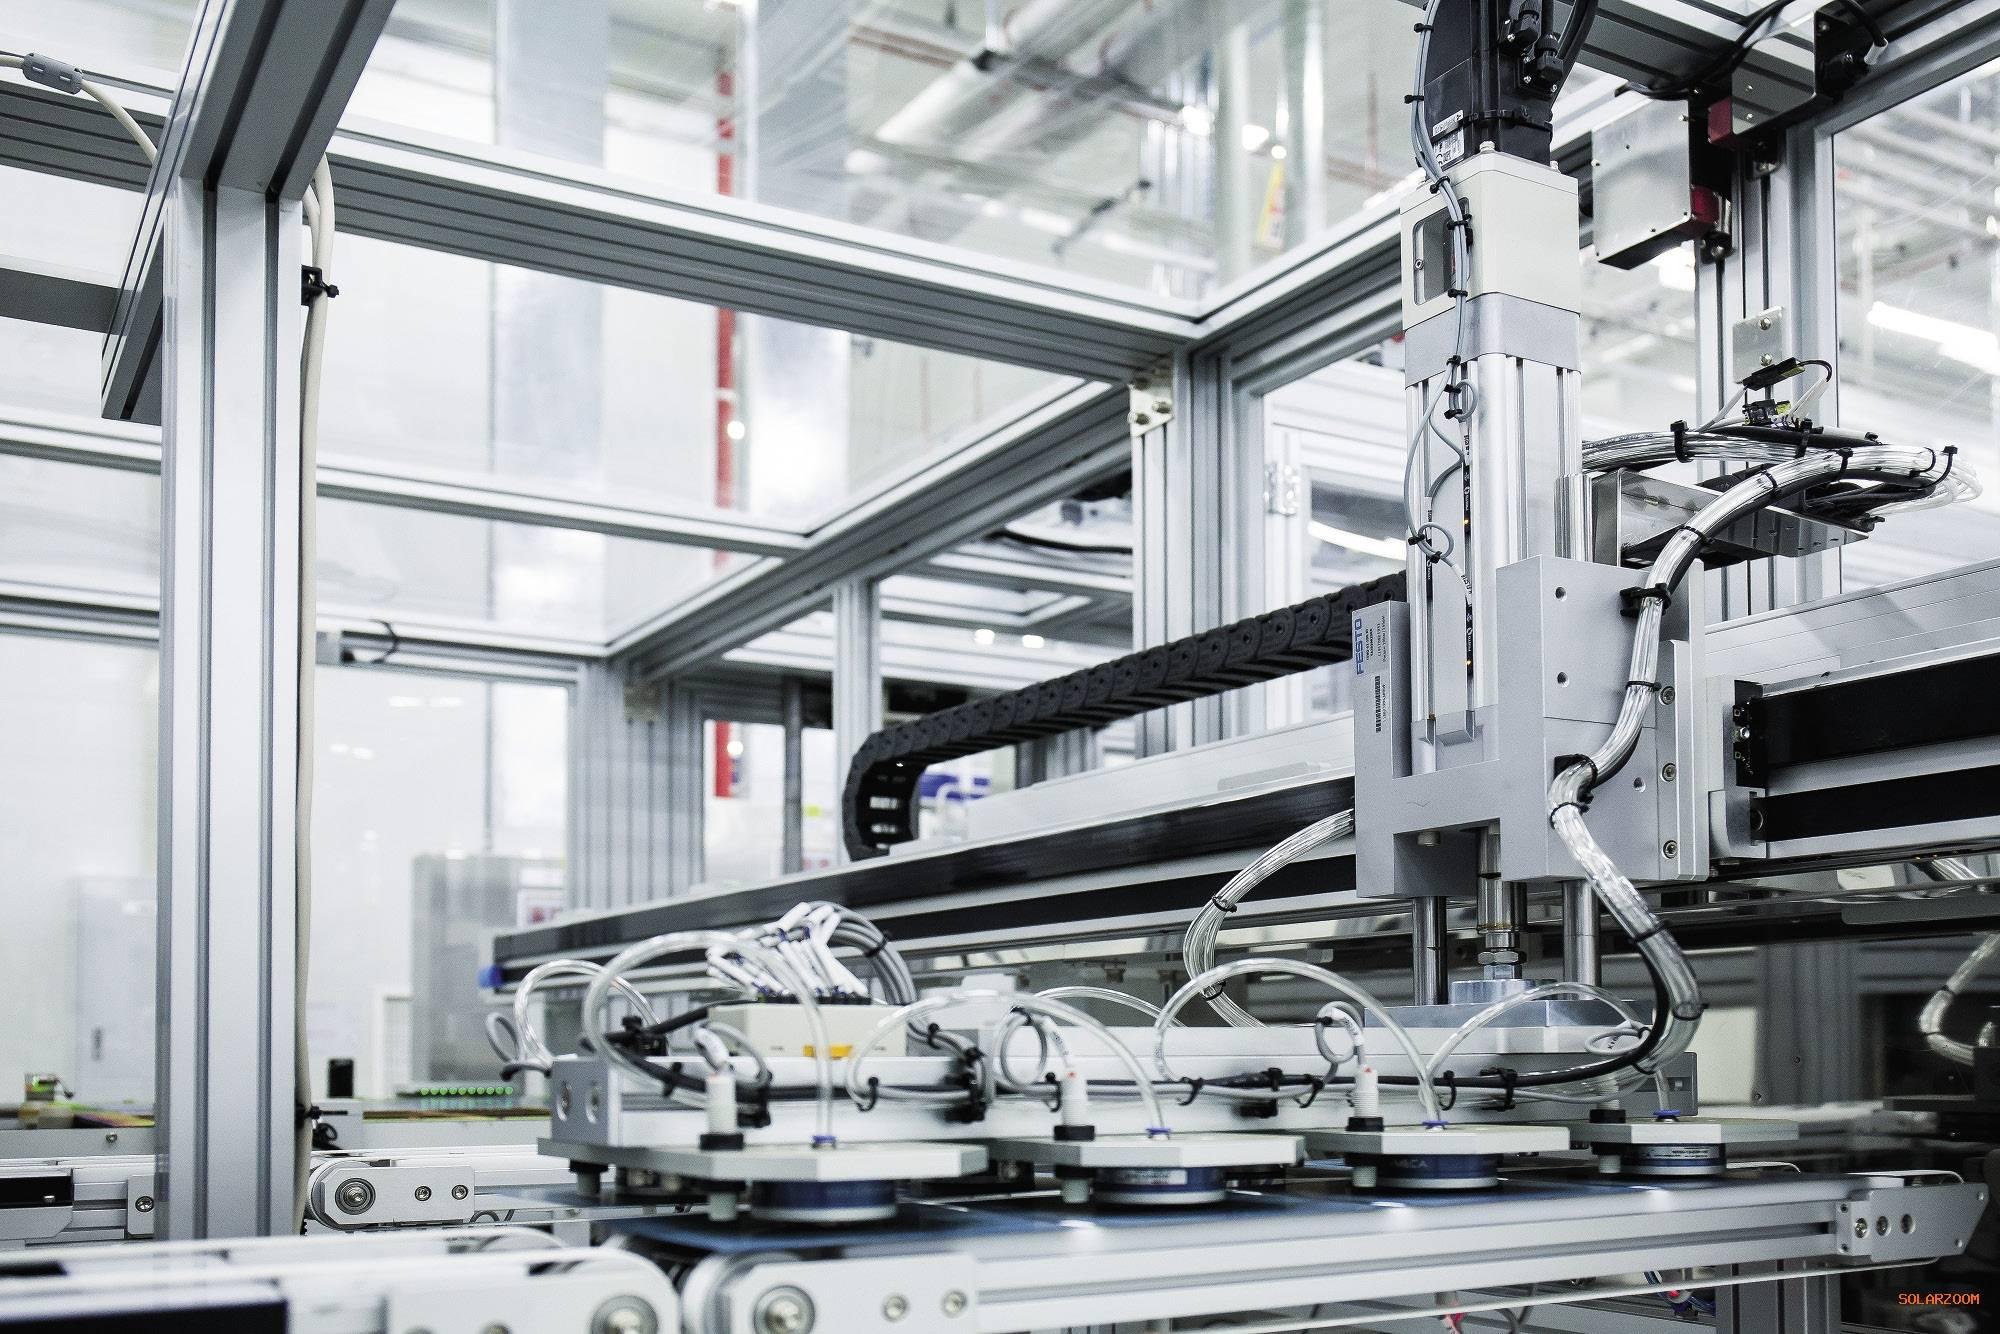 韩国公布第四次能源技术发展路线图  降低太阳能组件发展成本